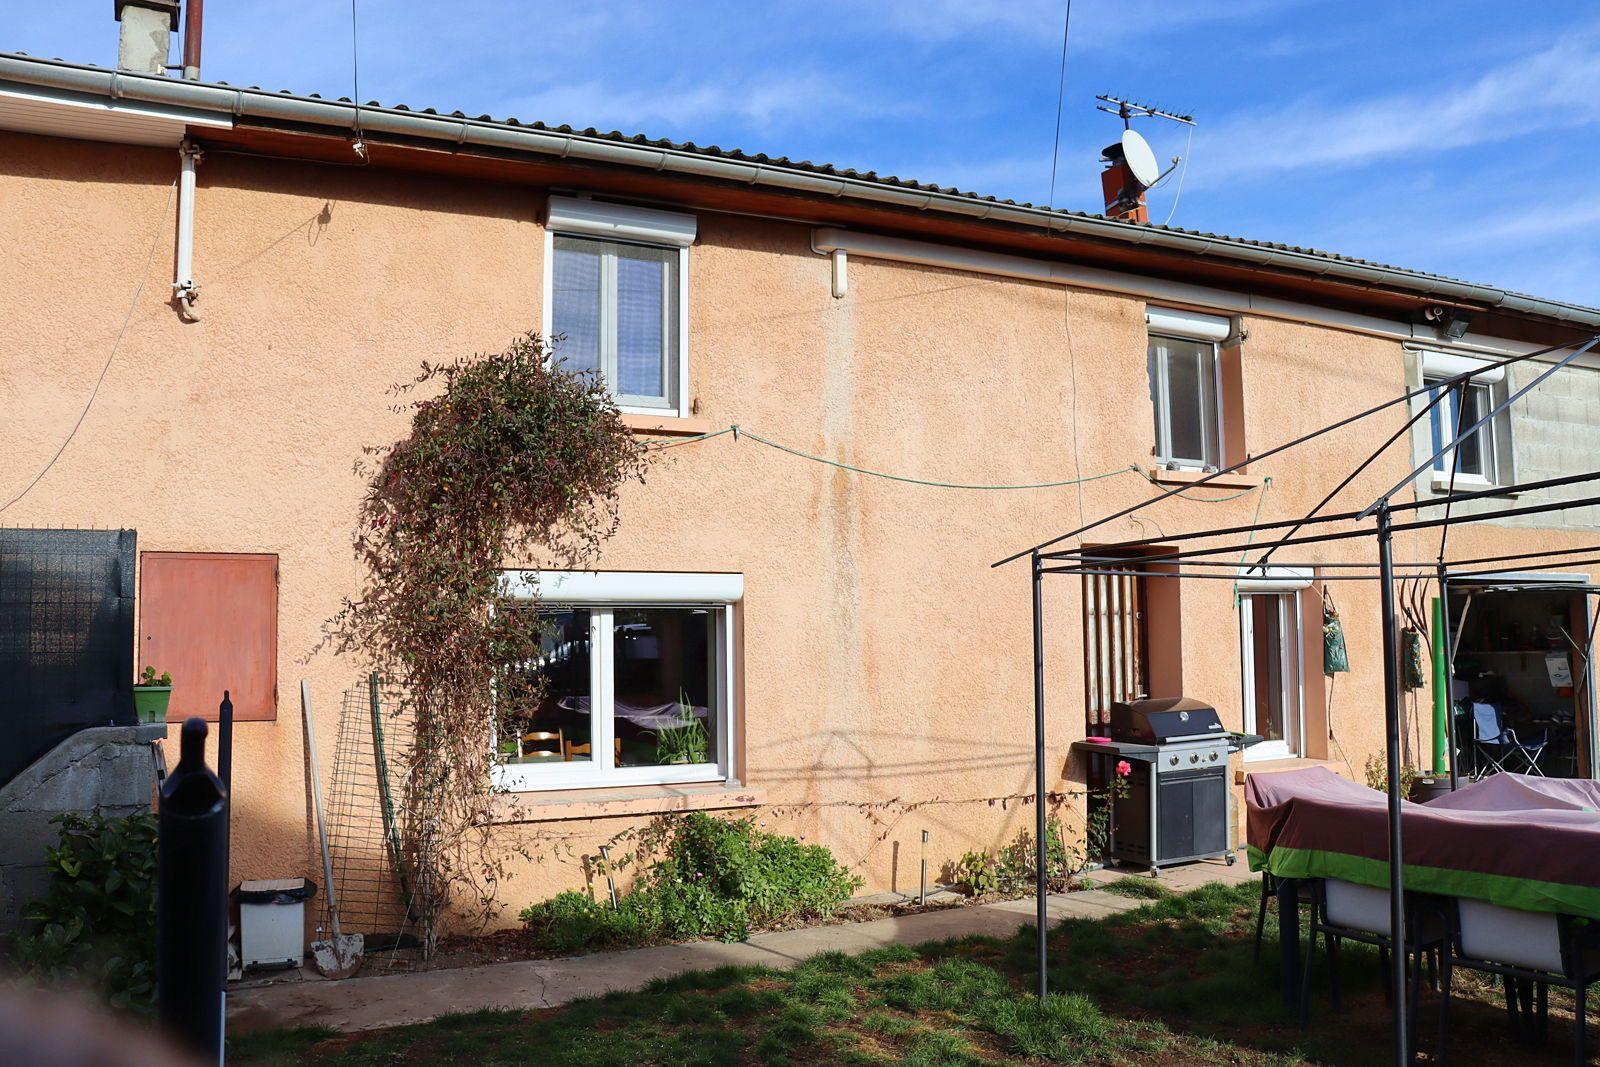 Vends Maison Dauphinoise 140m² à Artas, Terrain 543m²